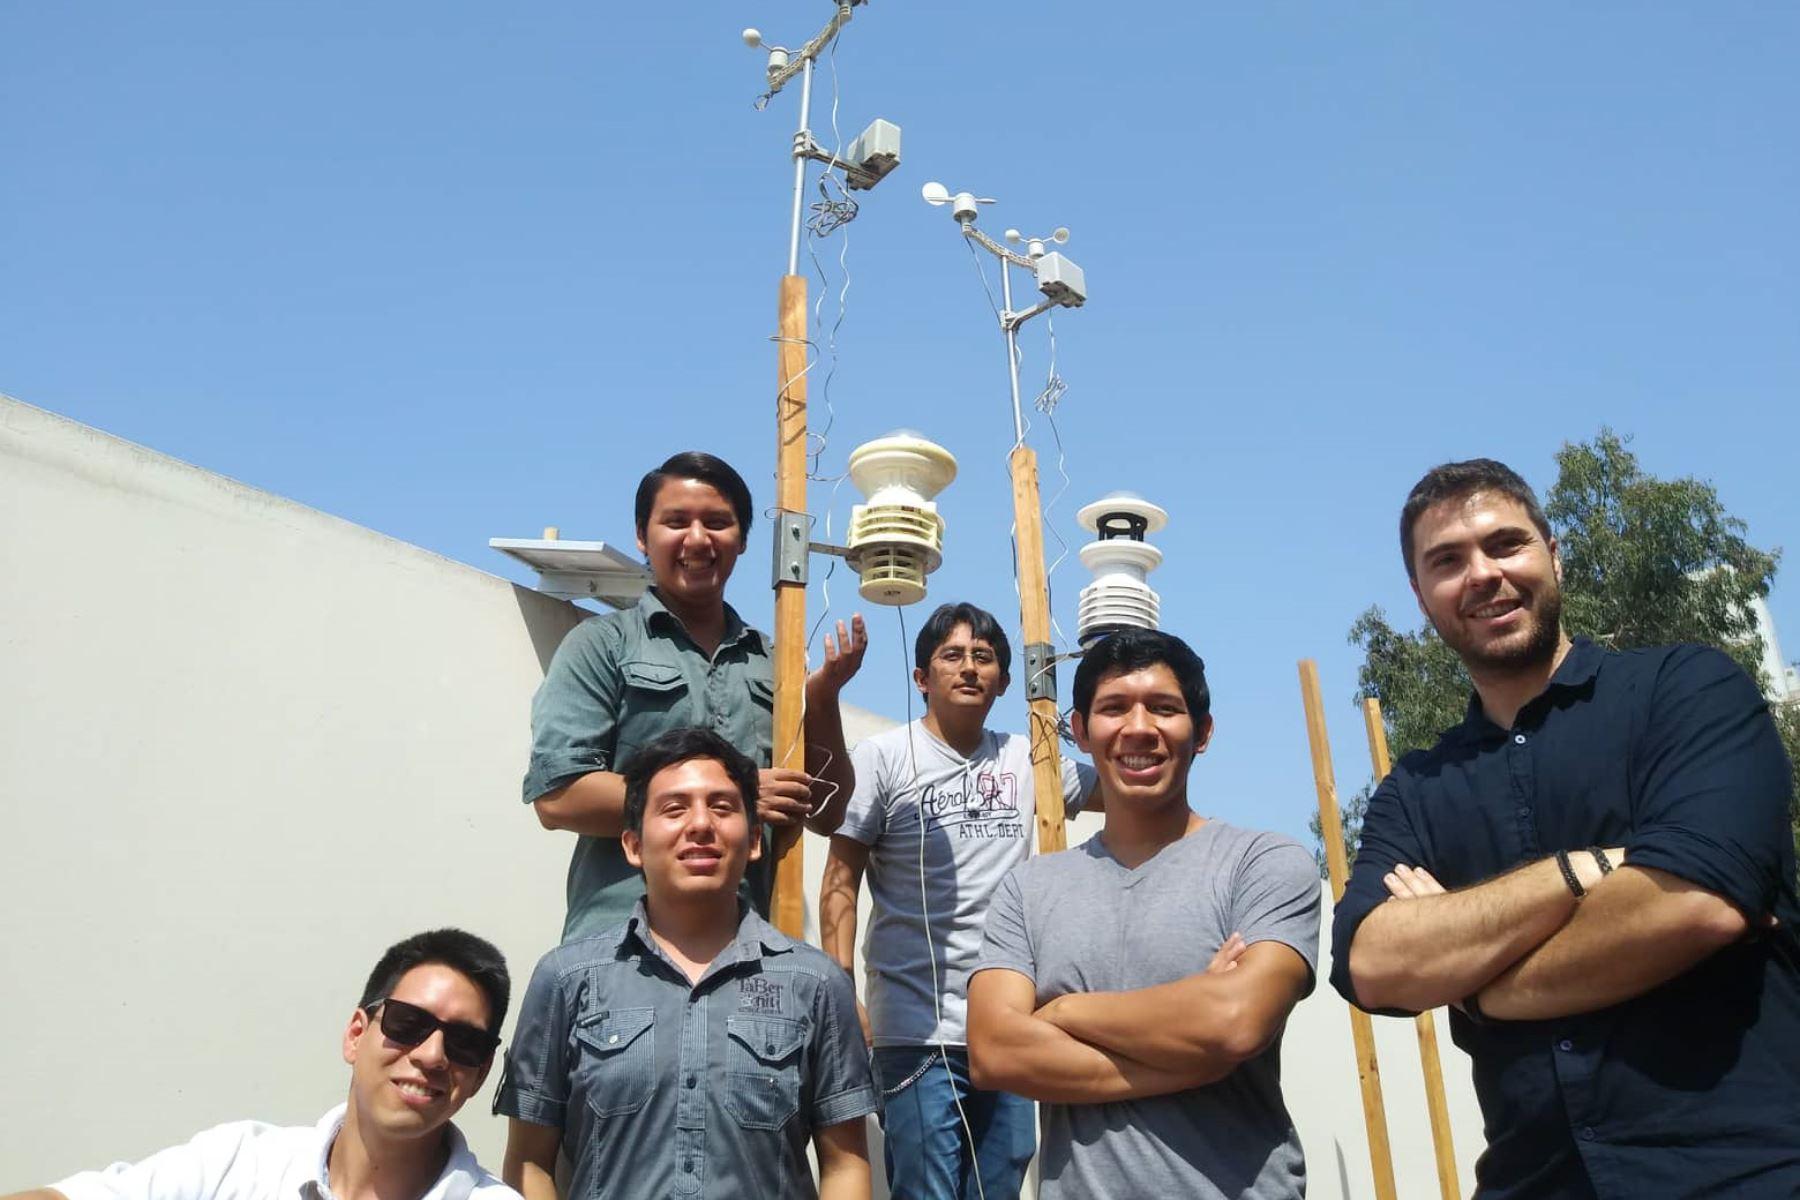 Los autores del proyecto juntos en el exterior del laboratorio de CTIC-UNI. Foto: Lenin Lobatón.